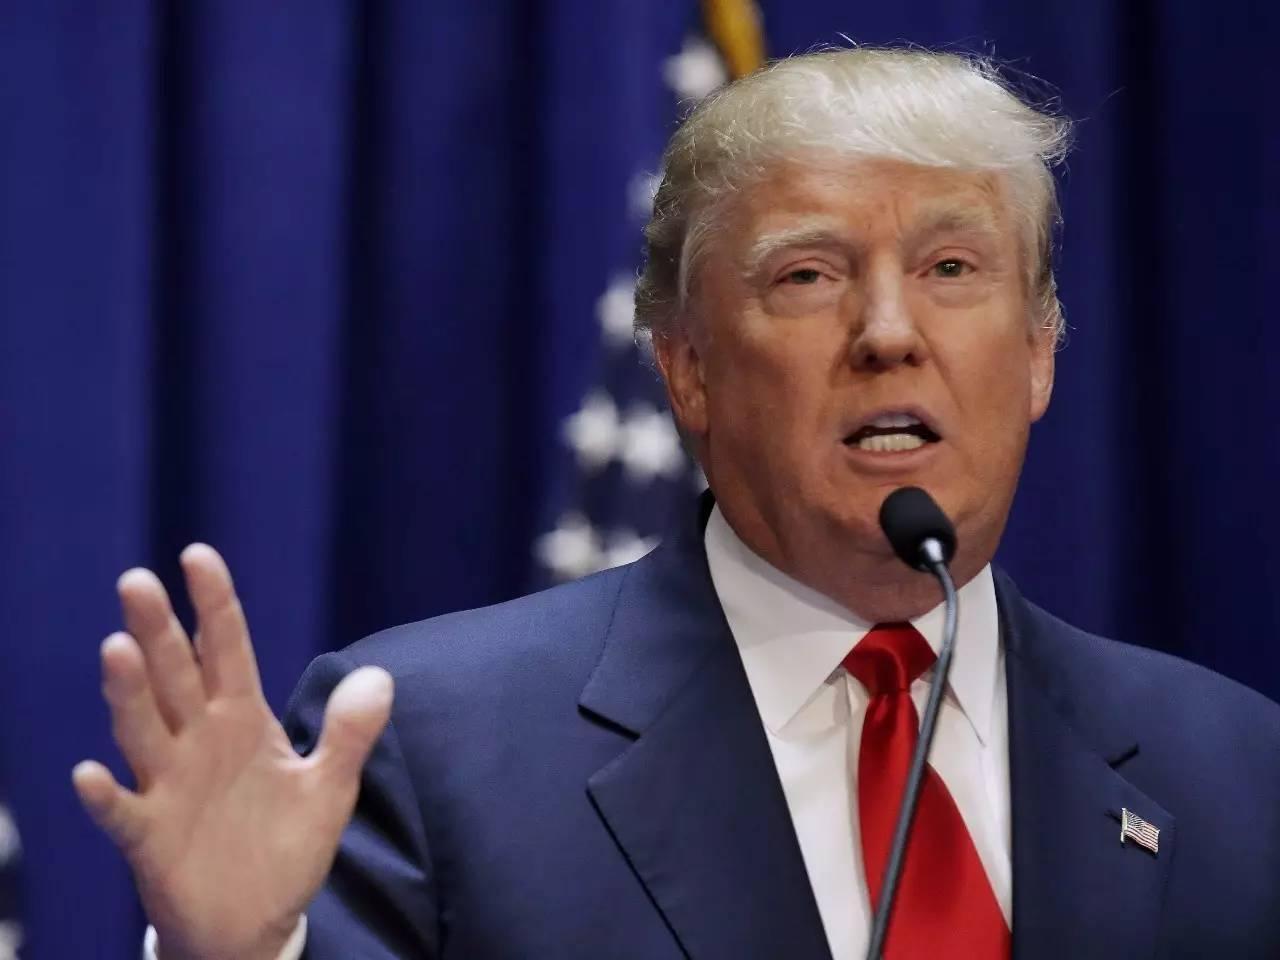 特朗普欲将合法移民数量减半,谁将受到伤害? |专栏